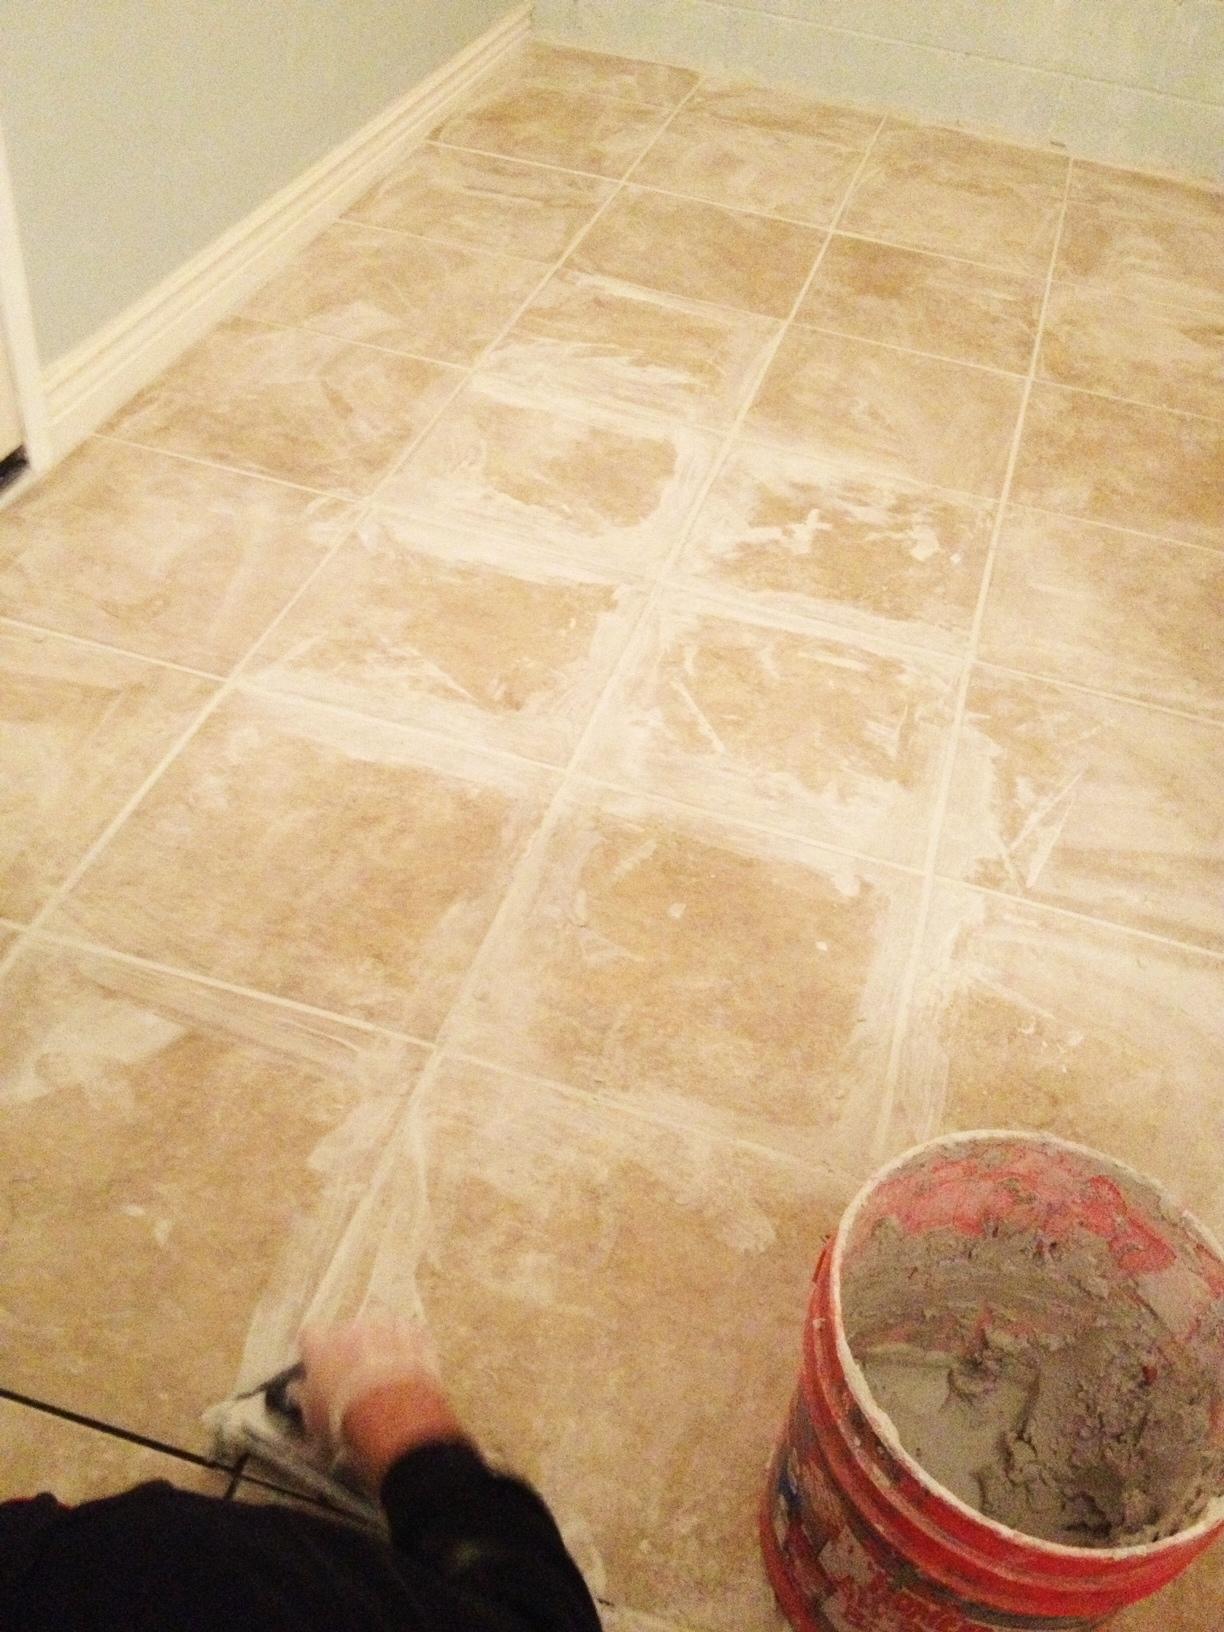 Tile Floor 5